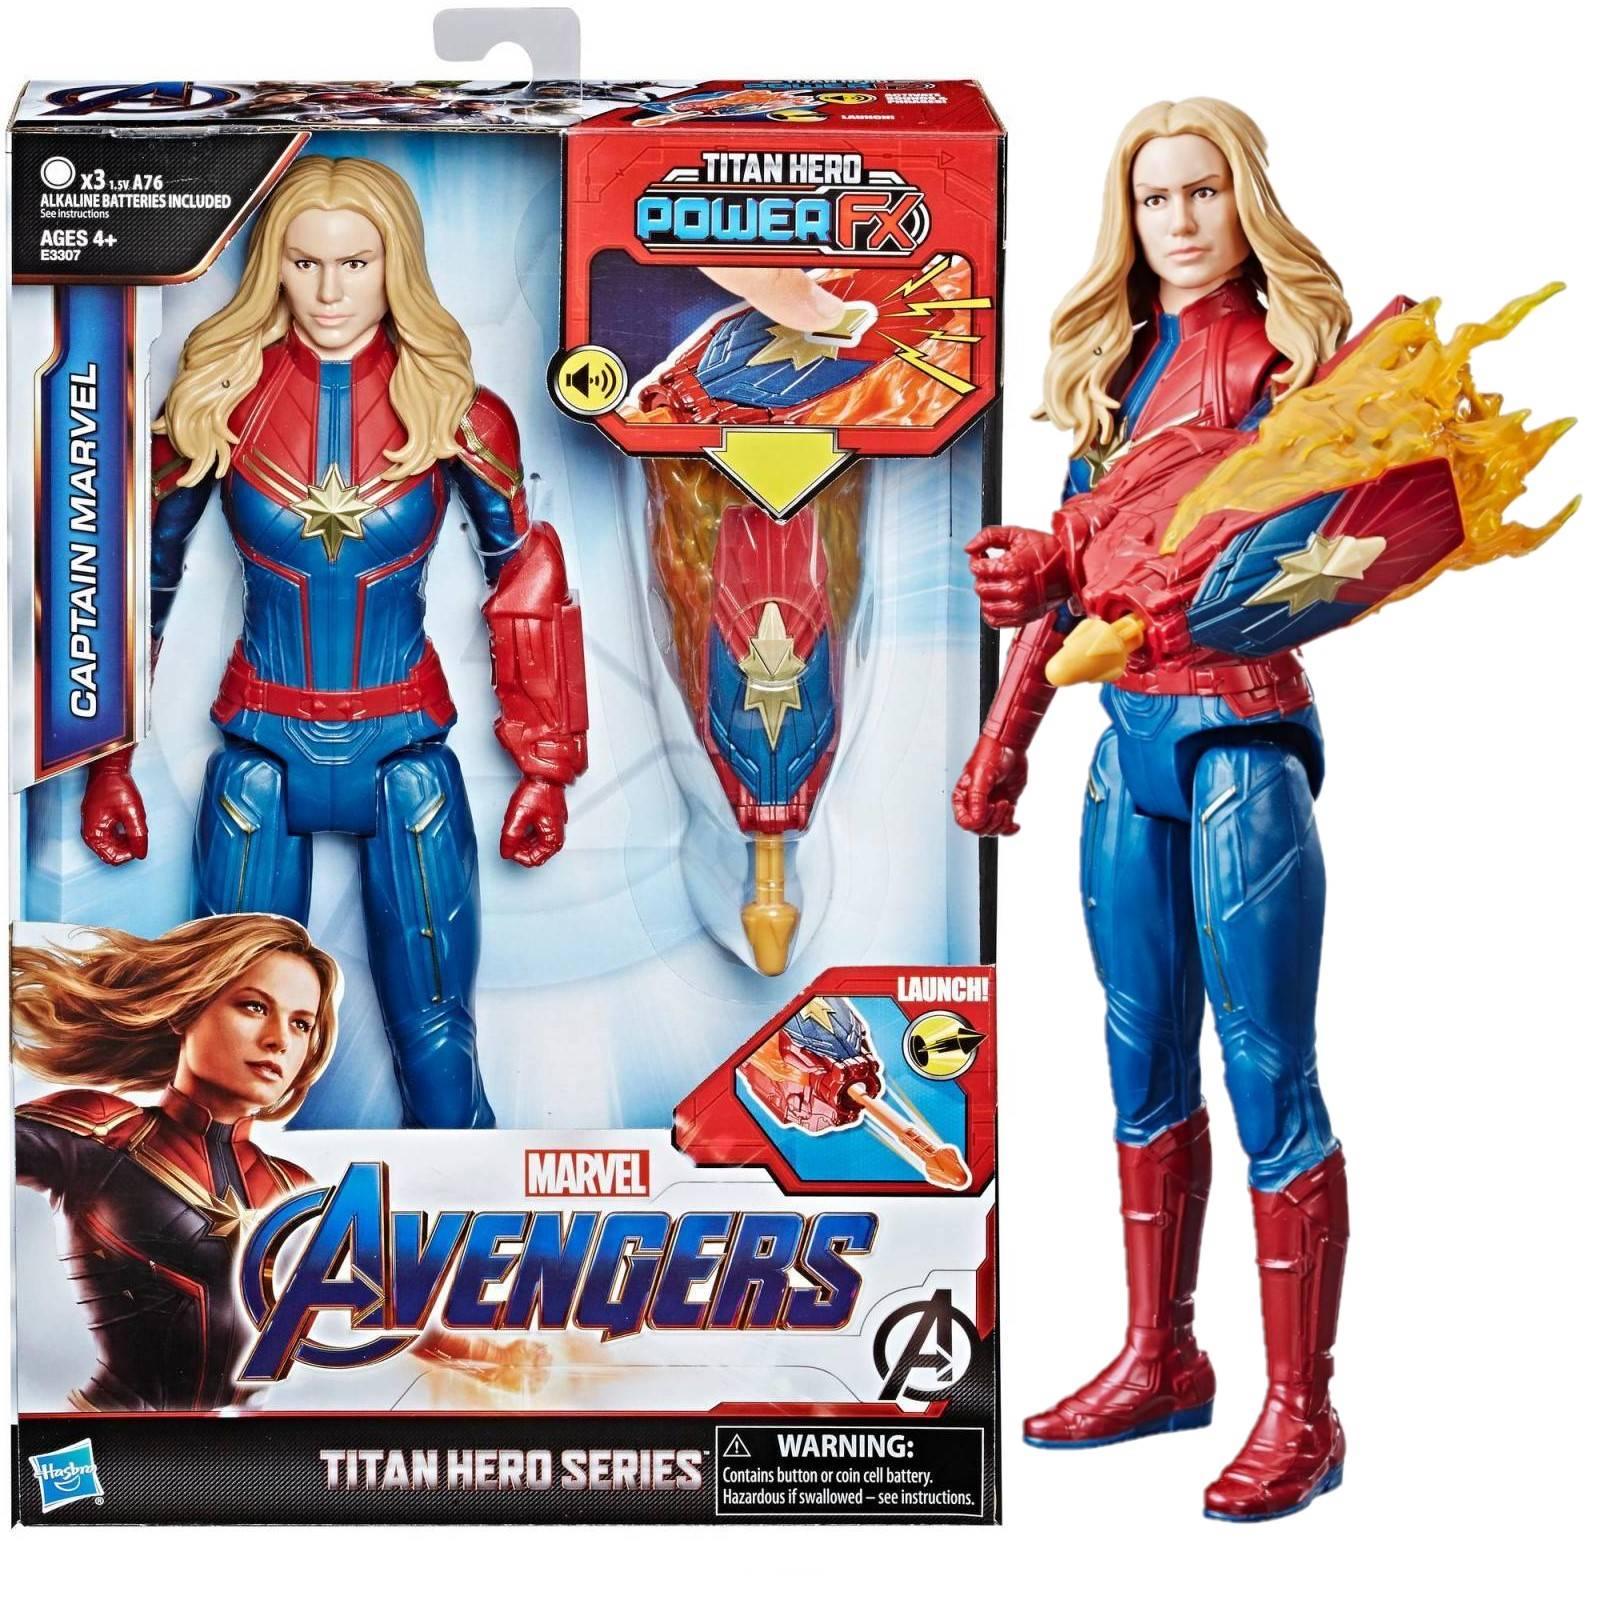 Pack Vingadores Ultimato Boneco Capitã Marvel com Dispositivo Power Fx E3307  + Boneco Senhor das Estrelas E3849 - Hasbro